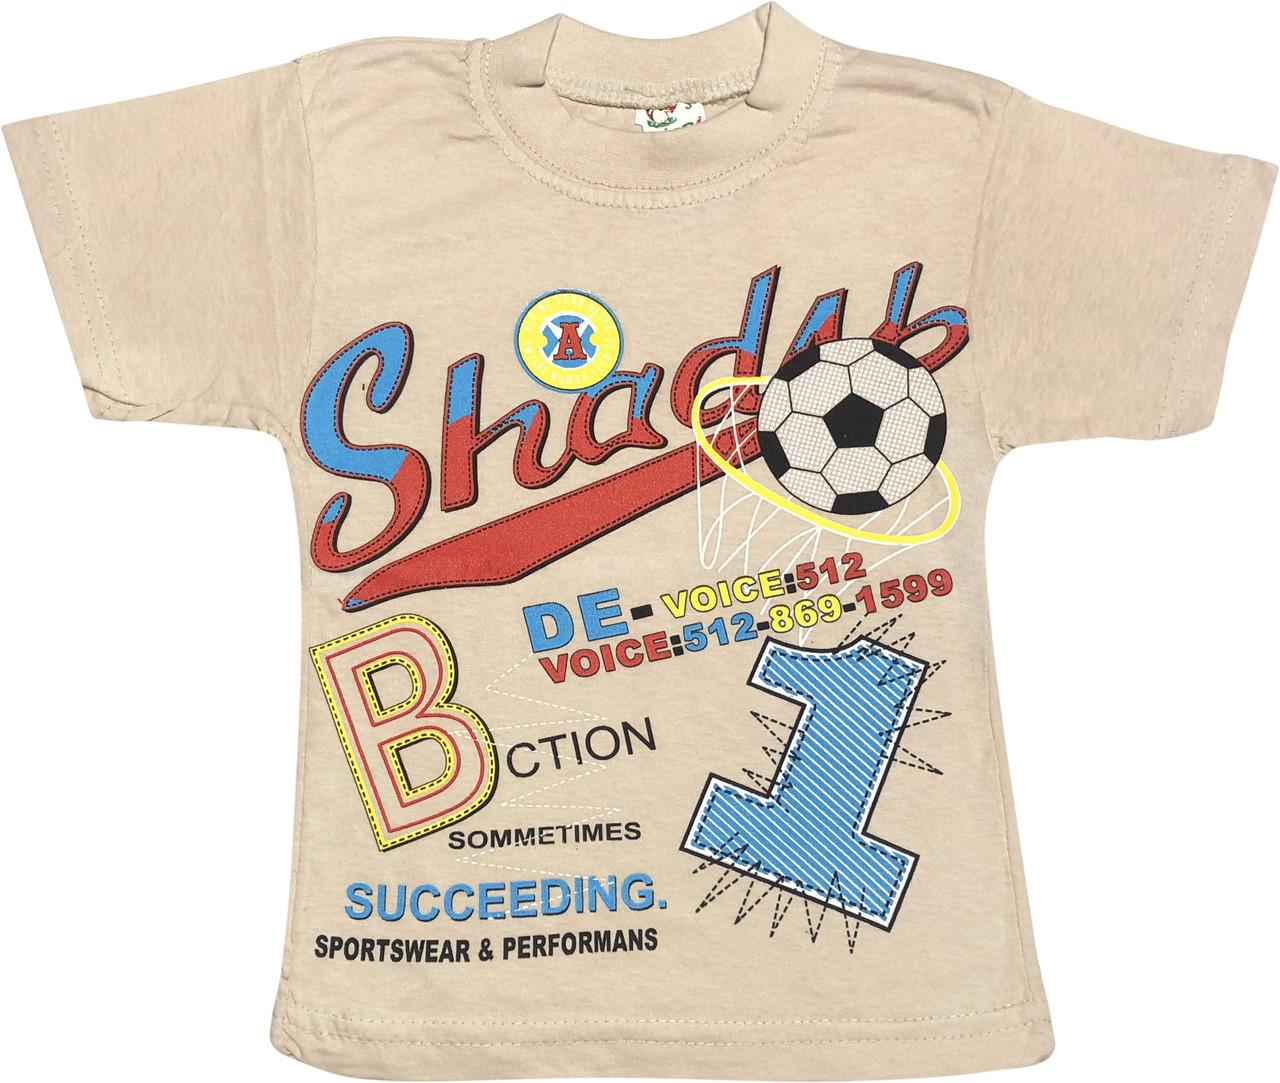 Детская футболка на мальчика рост 98 2-3 года для малышей с принтом рисунком красивая трикотажная бежевая